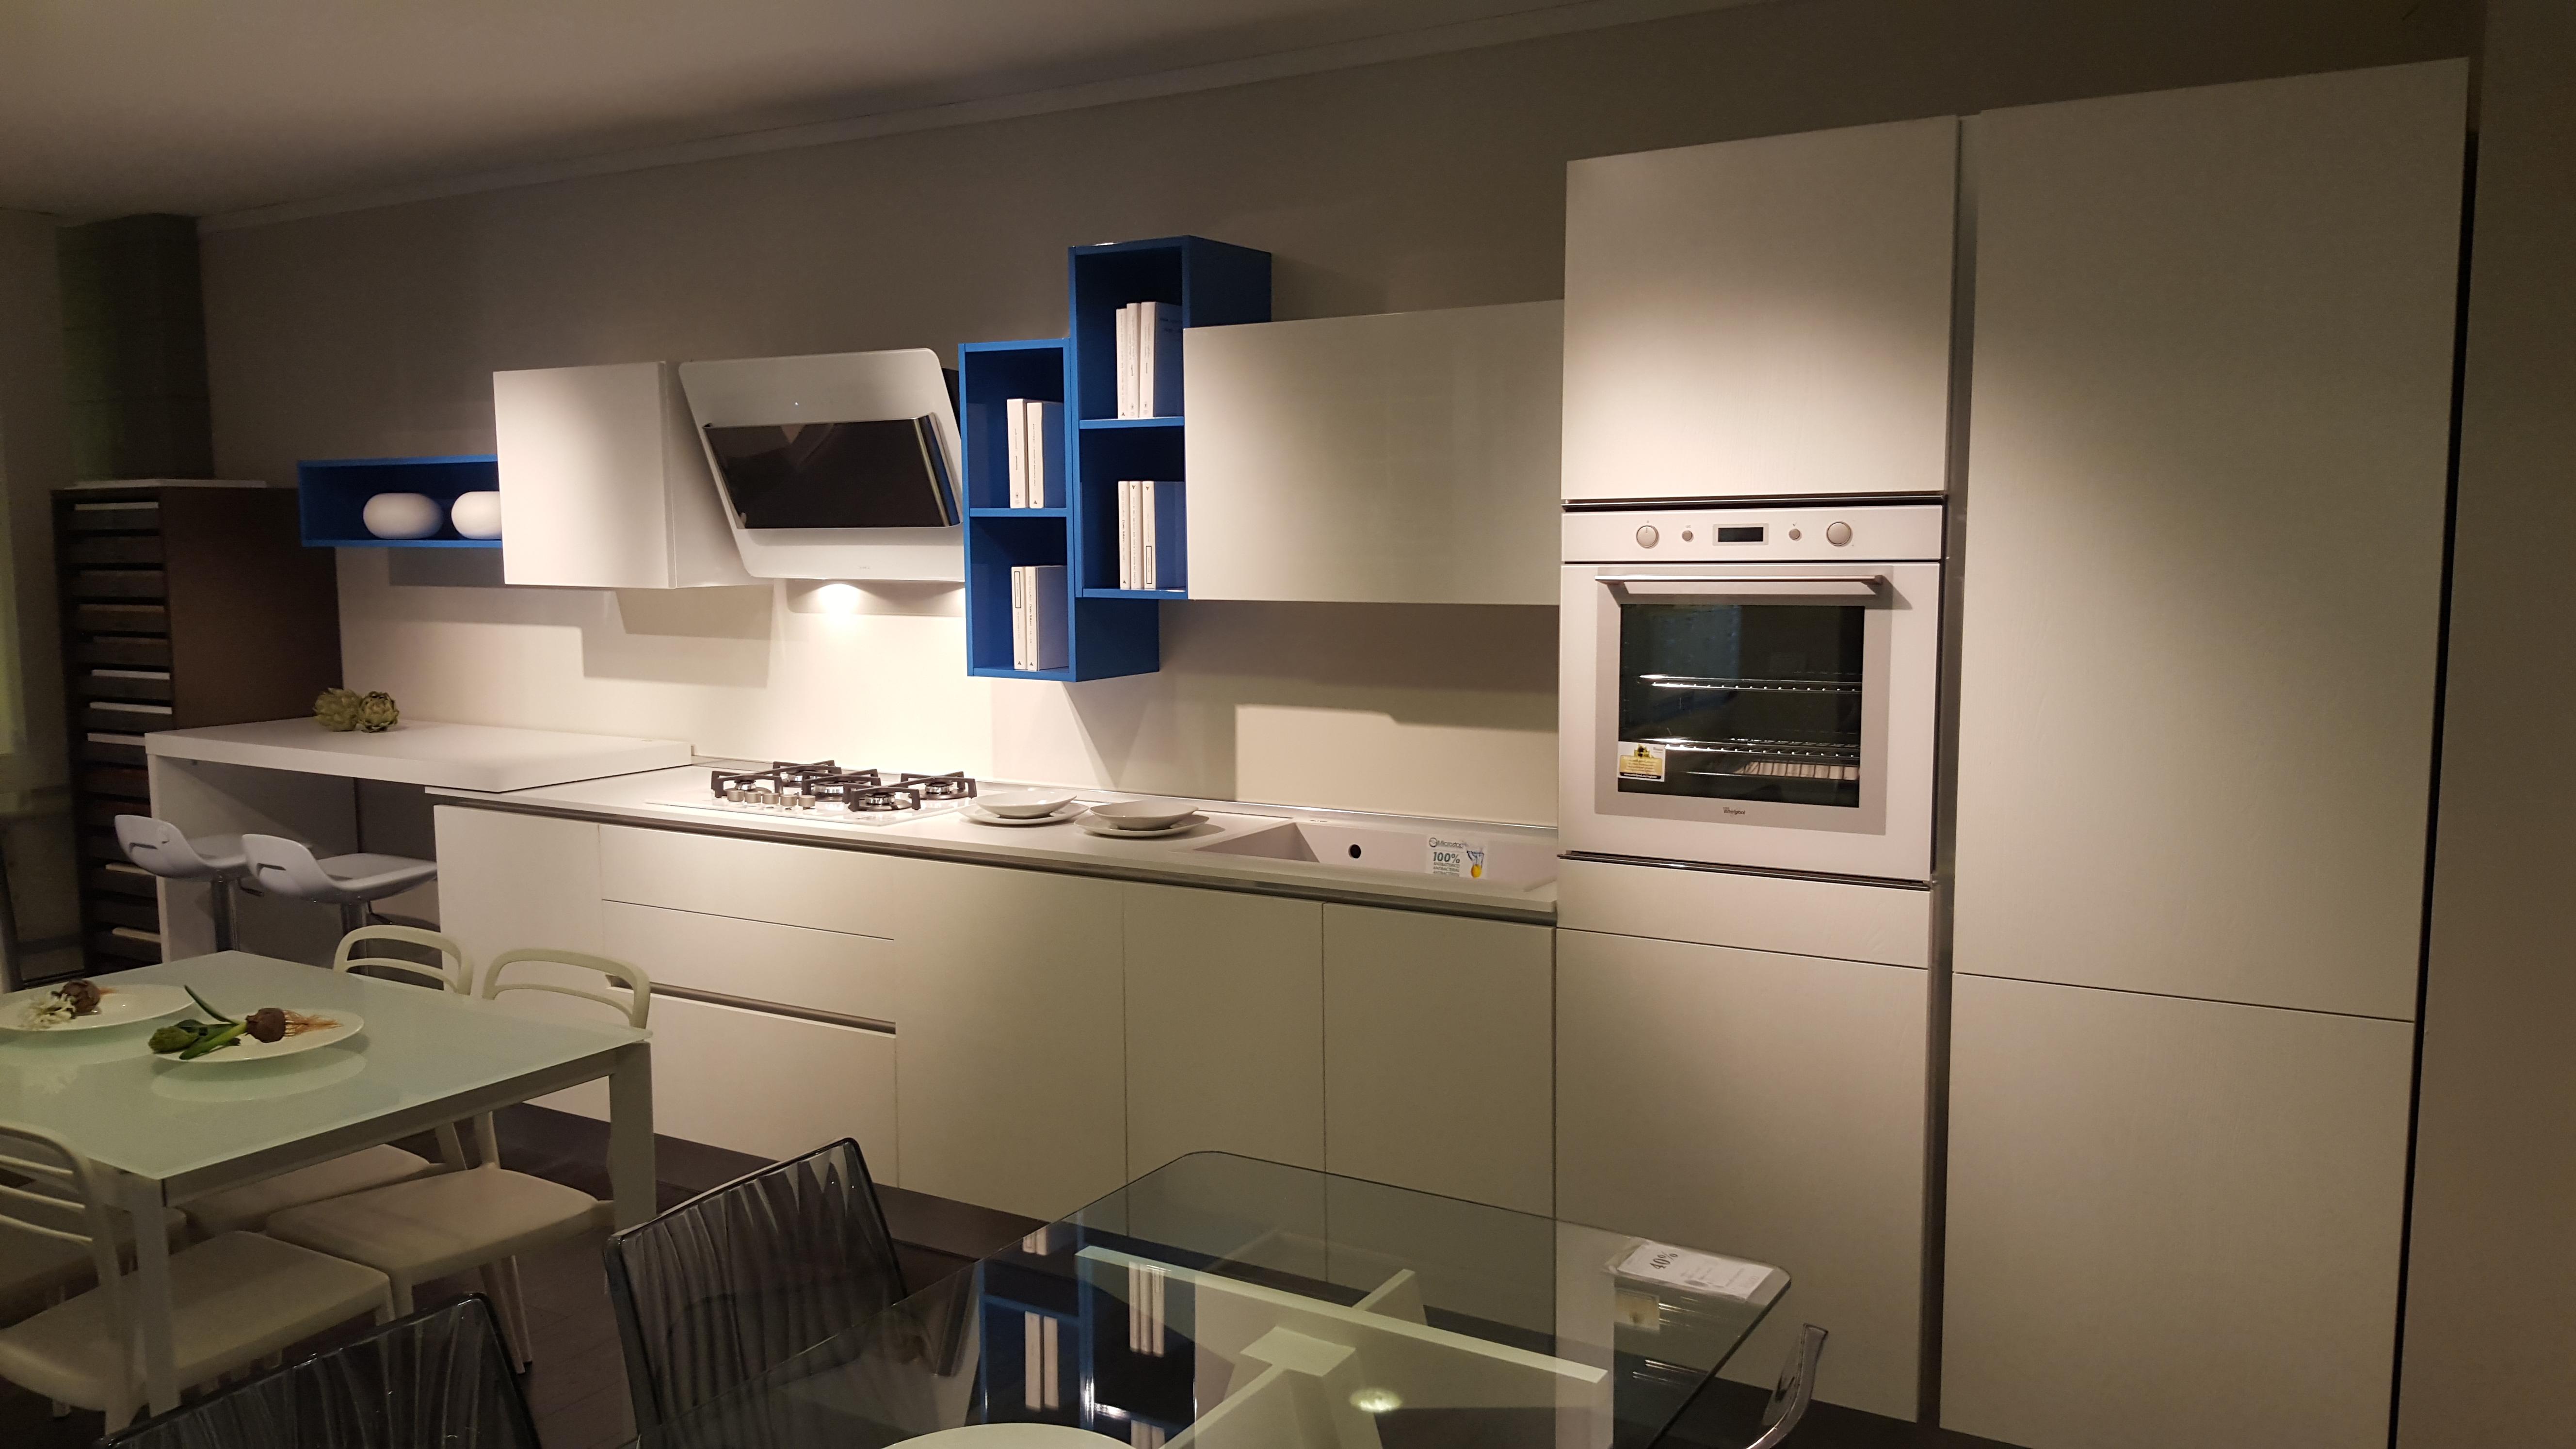 Offerte cucine moderne da esposizione cheap cucine in for Cerco cucine componibili nuove in offerta